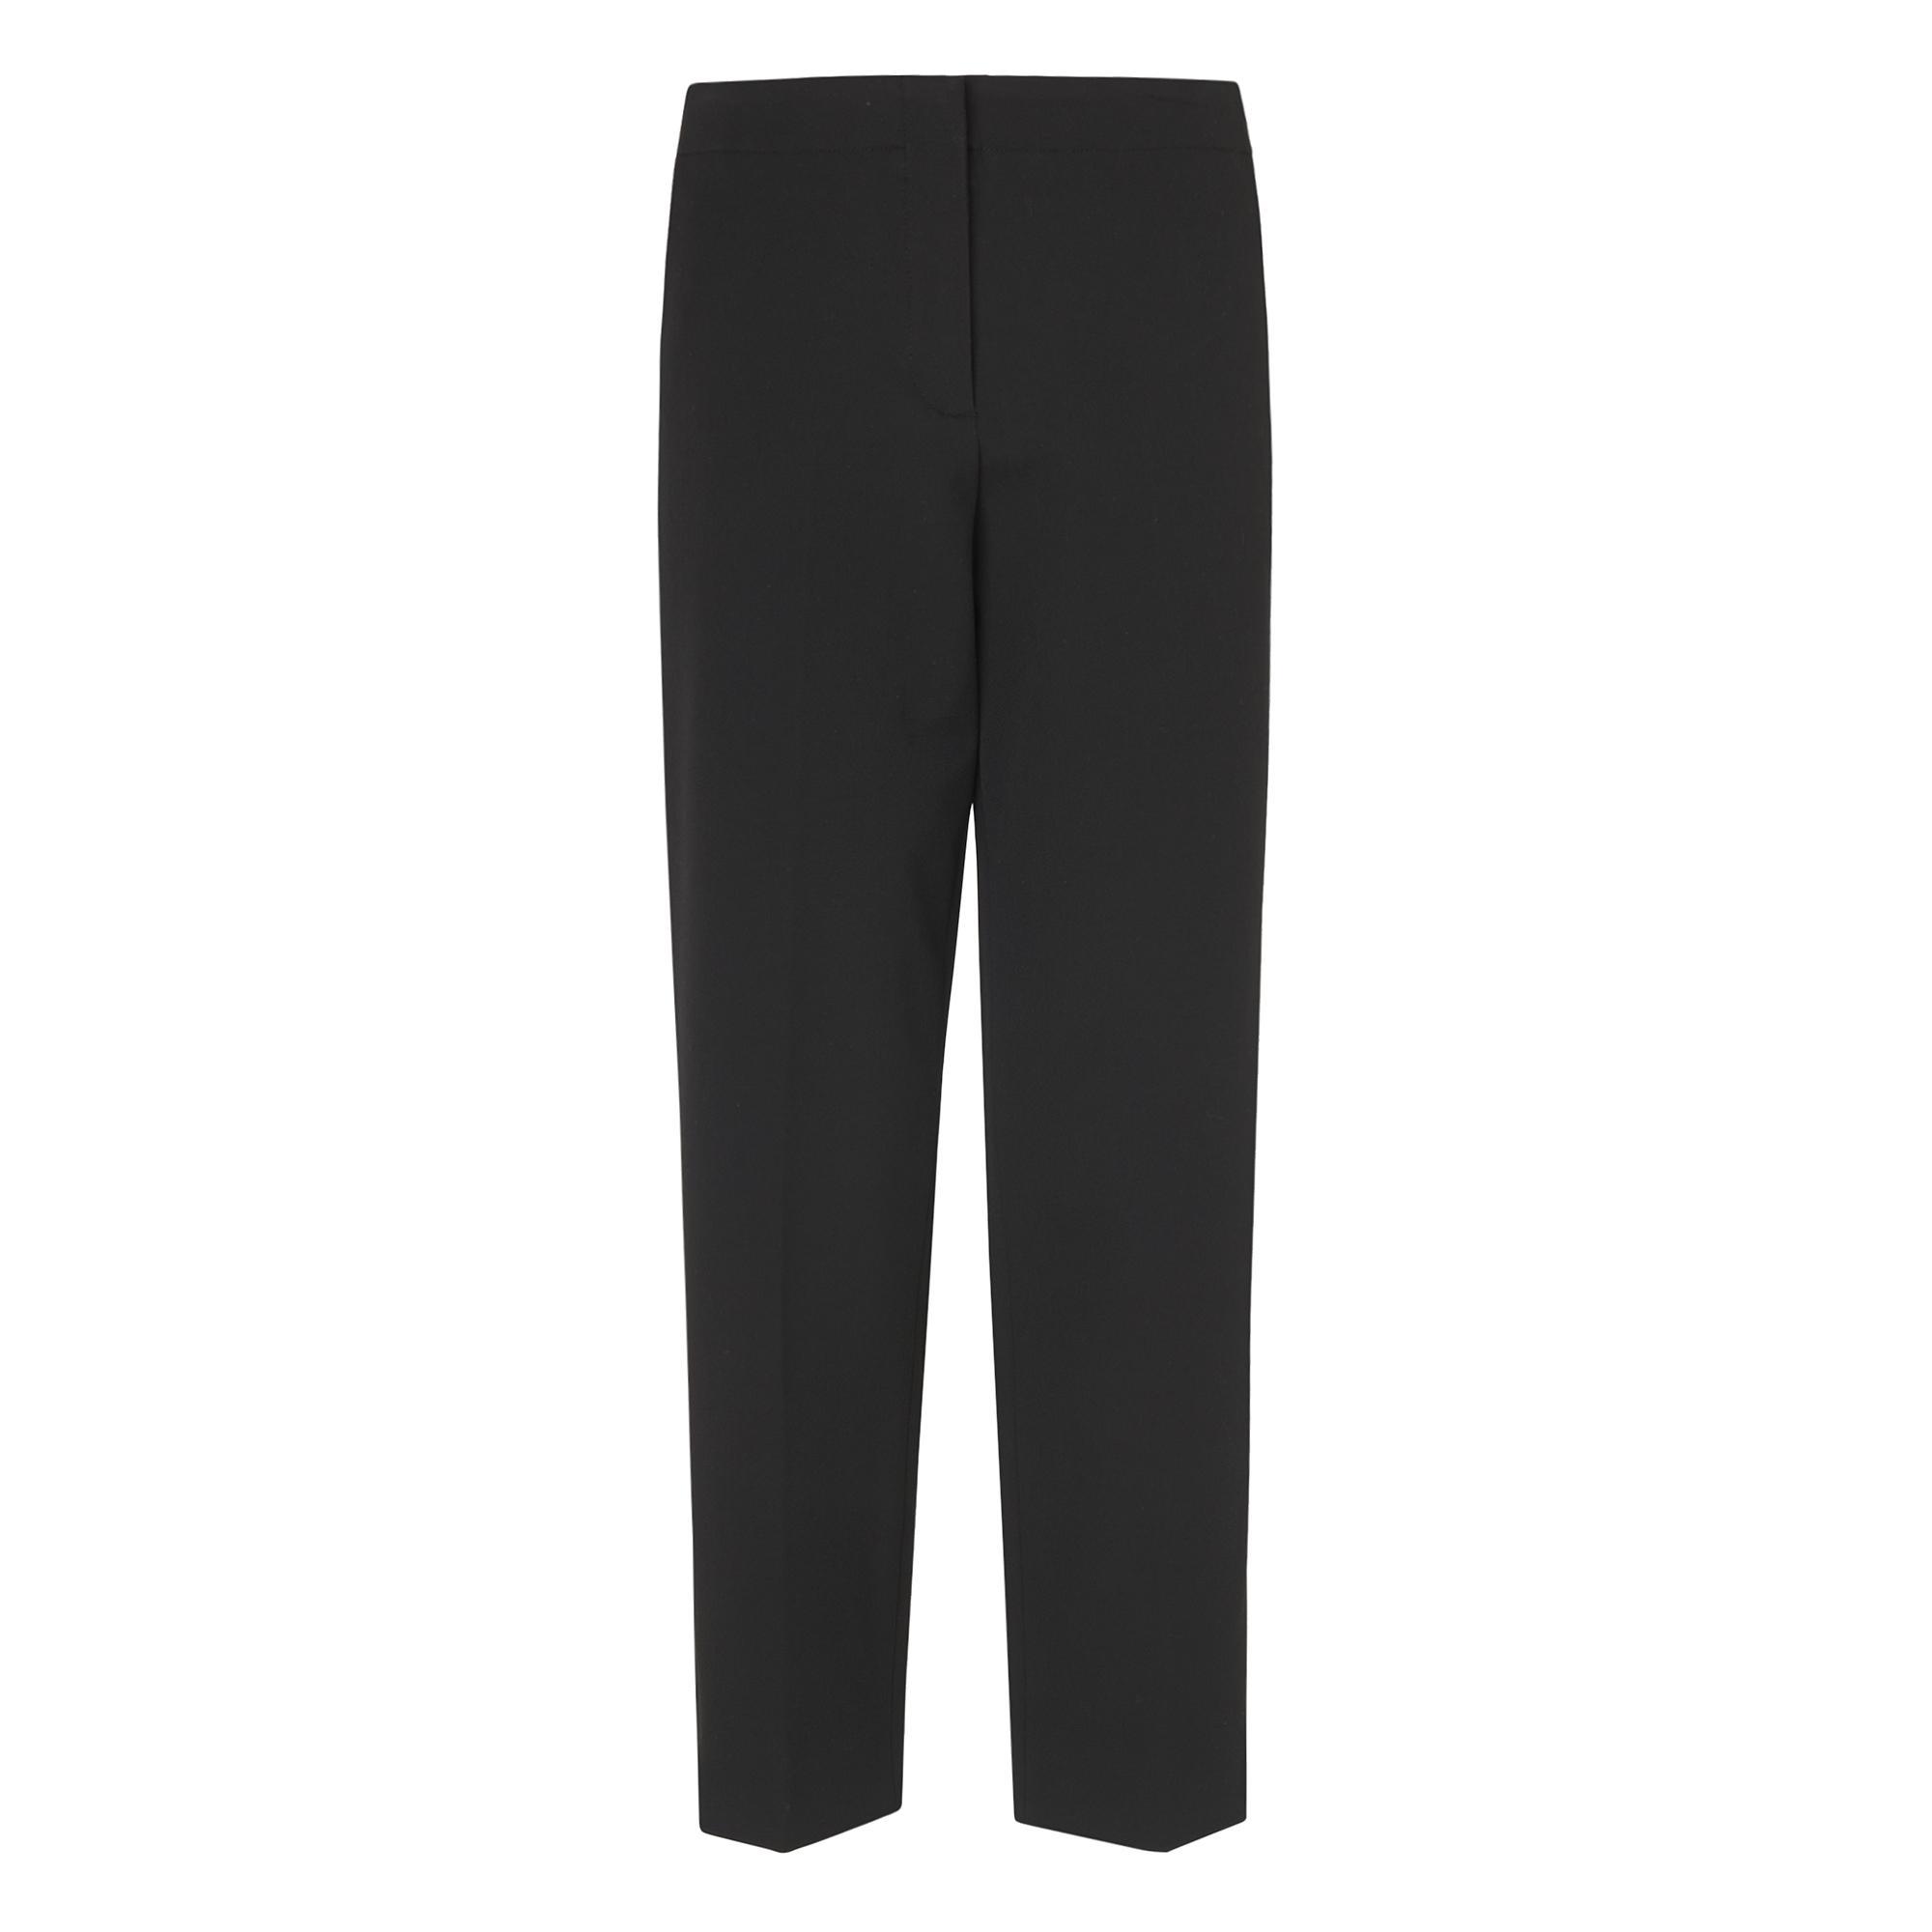 Relia Black Pants